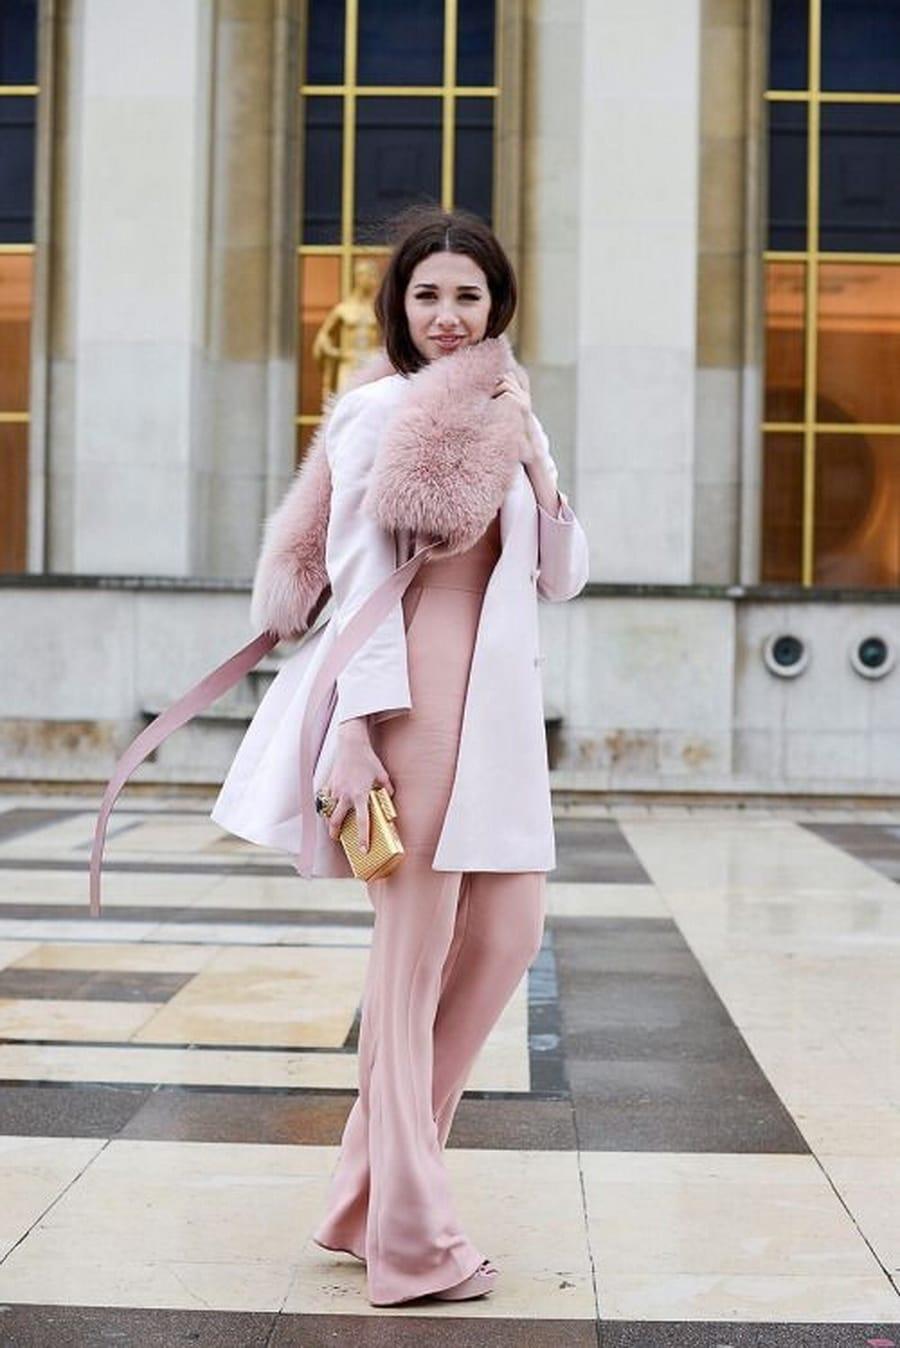 2017 új divatszíne: a blush – Így hordd!